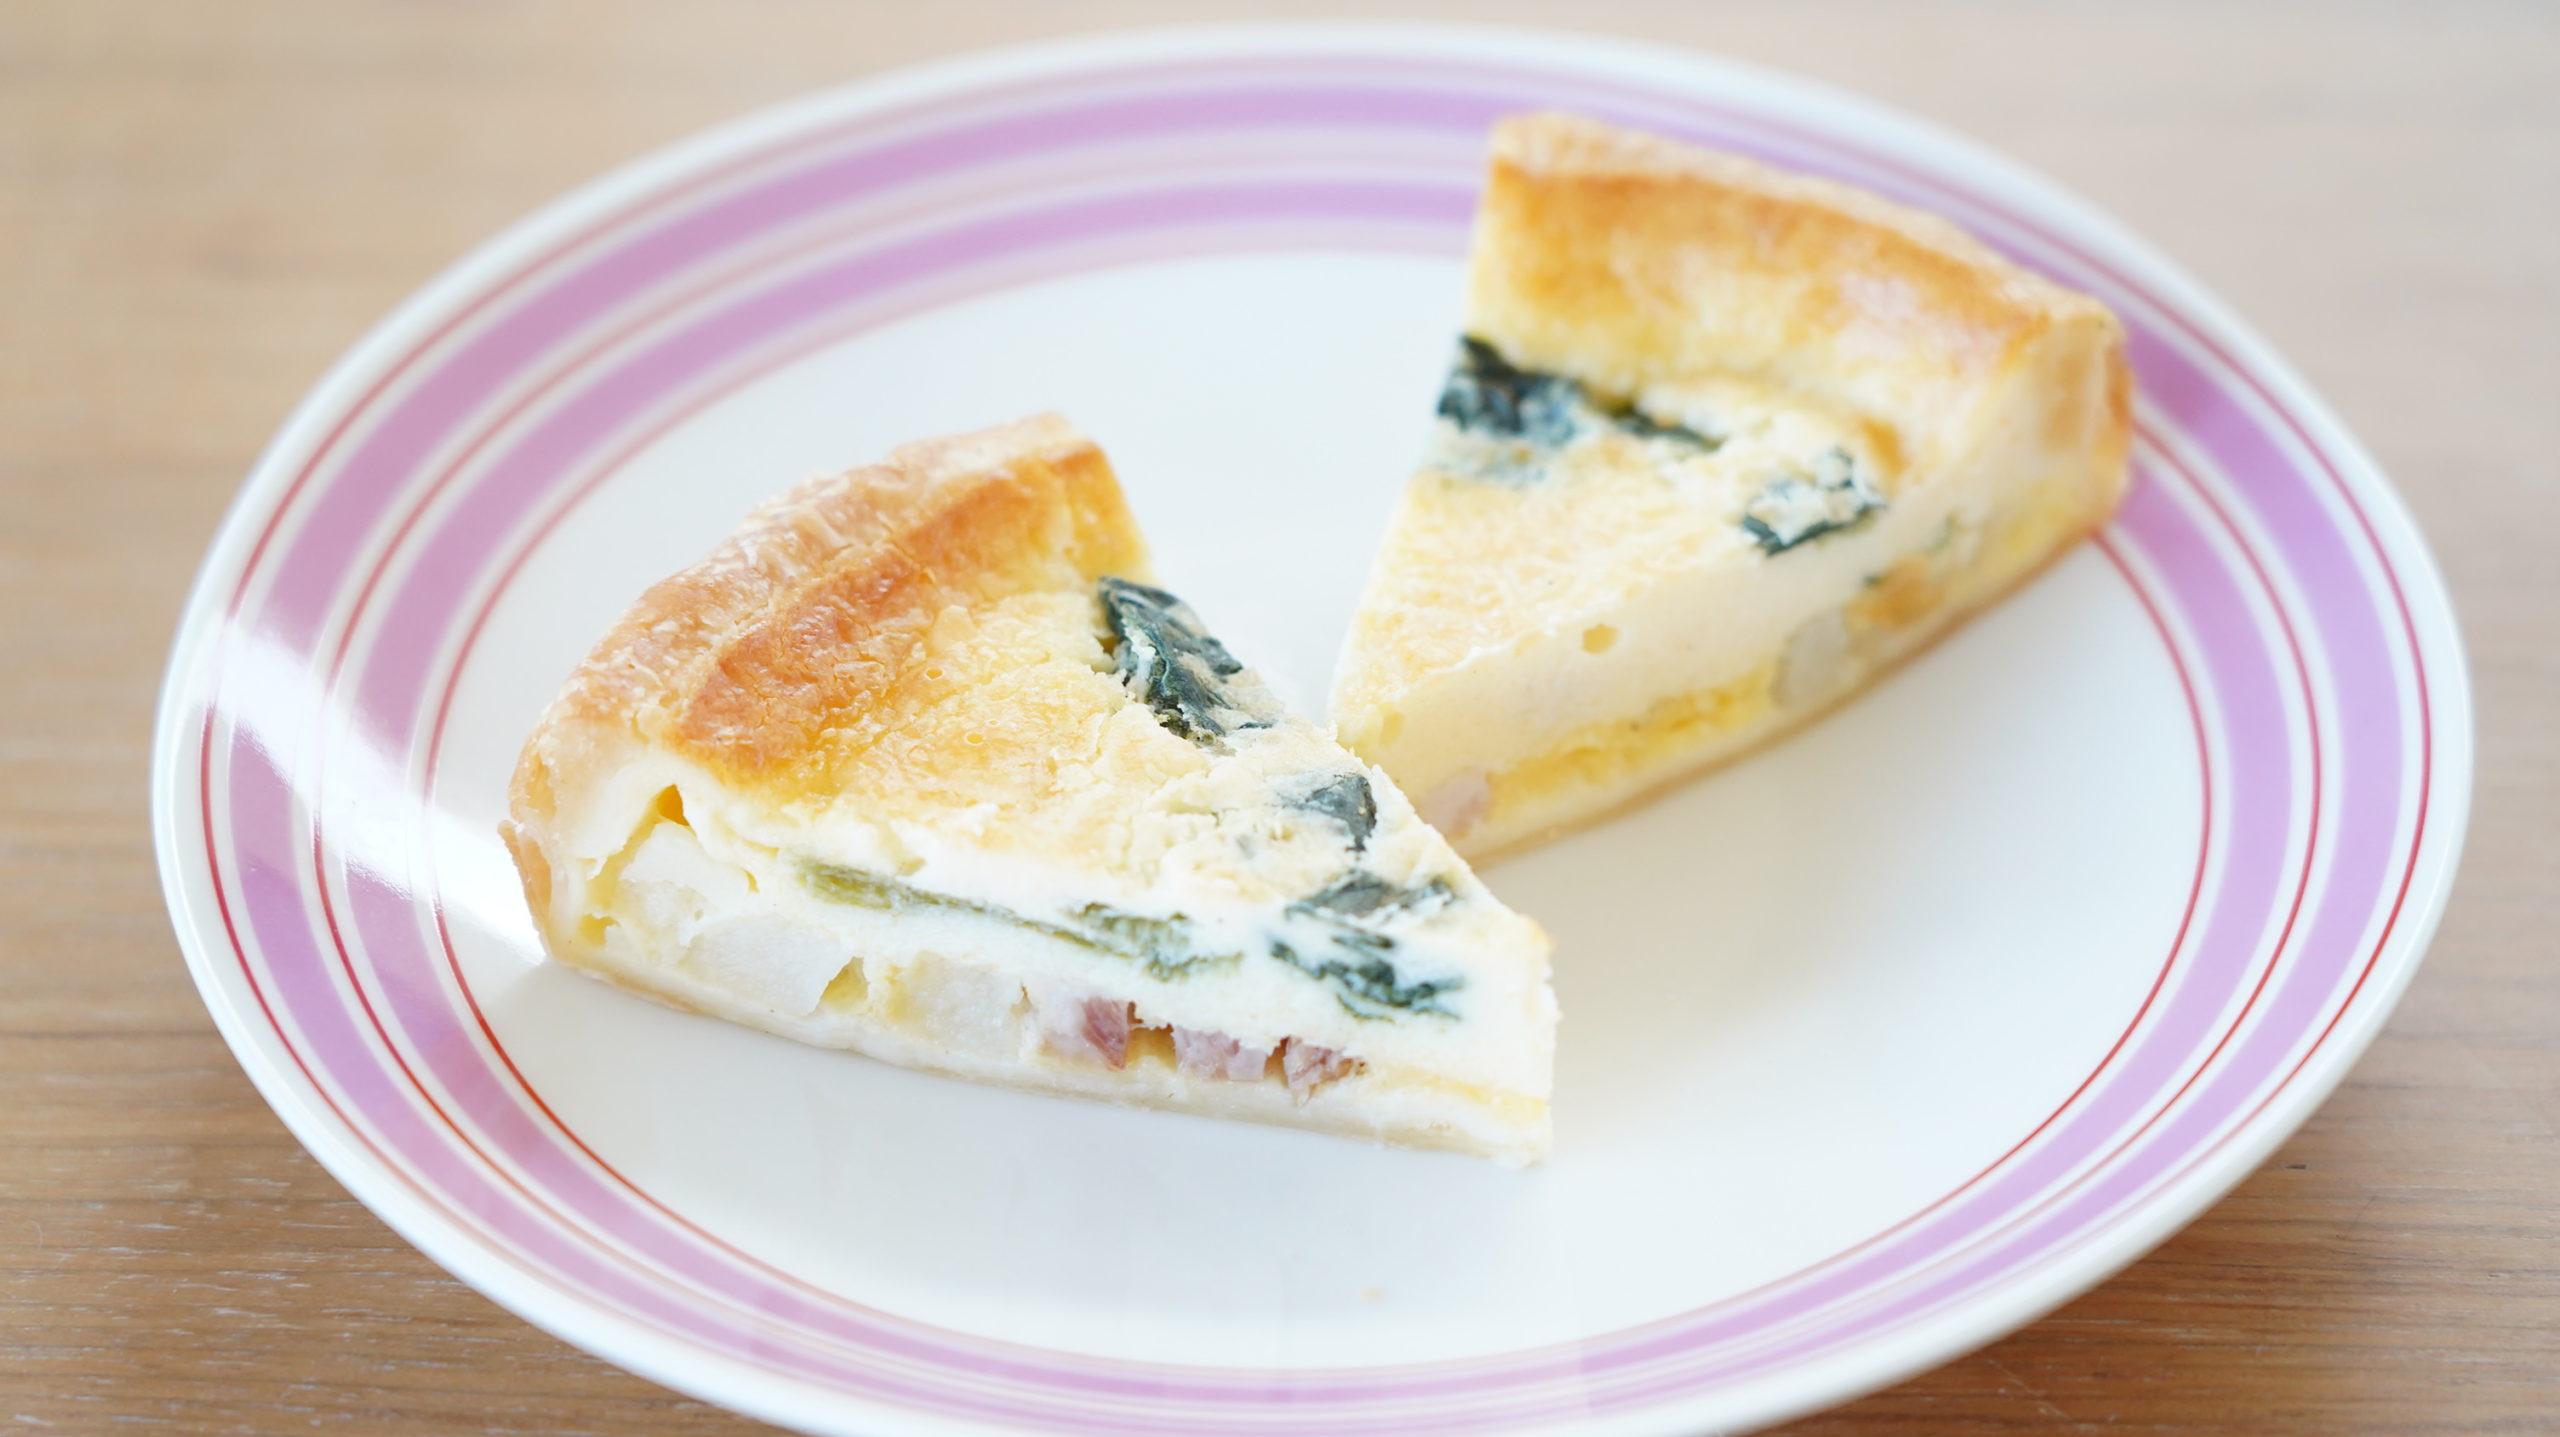 ローソンの冷凍食品「ベーコンとほうれん草のキッシュ」を皿に盛り付けた写真